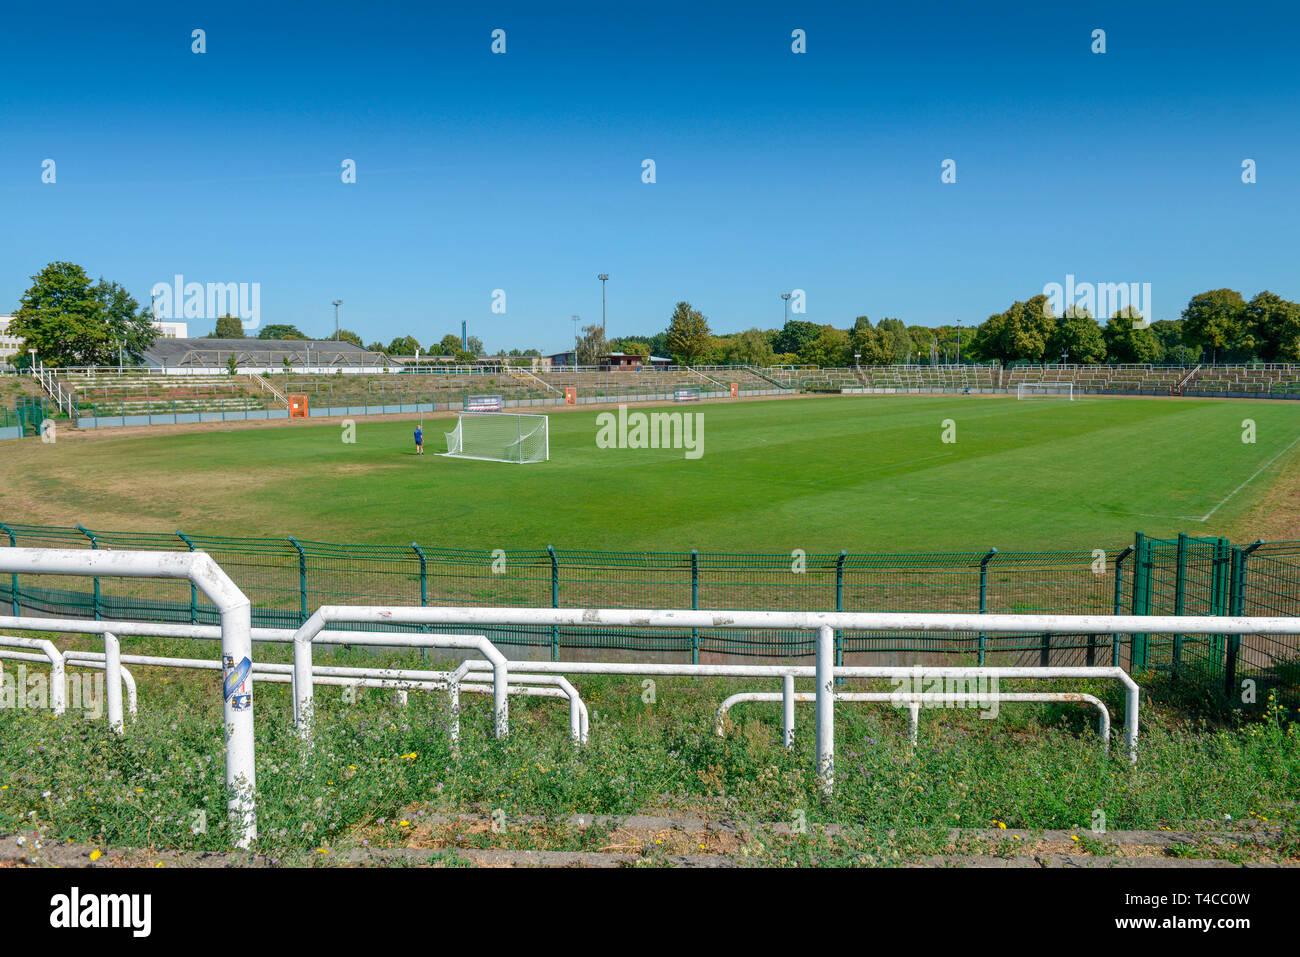 Fussballstadion BFC Dynamo, Sportforum Berlin, Weissenseer Weg, Hohenschoenhausen, Lichtenberg, Berlin, Deutschland - Stock Image